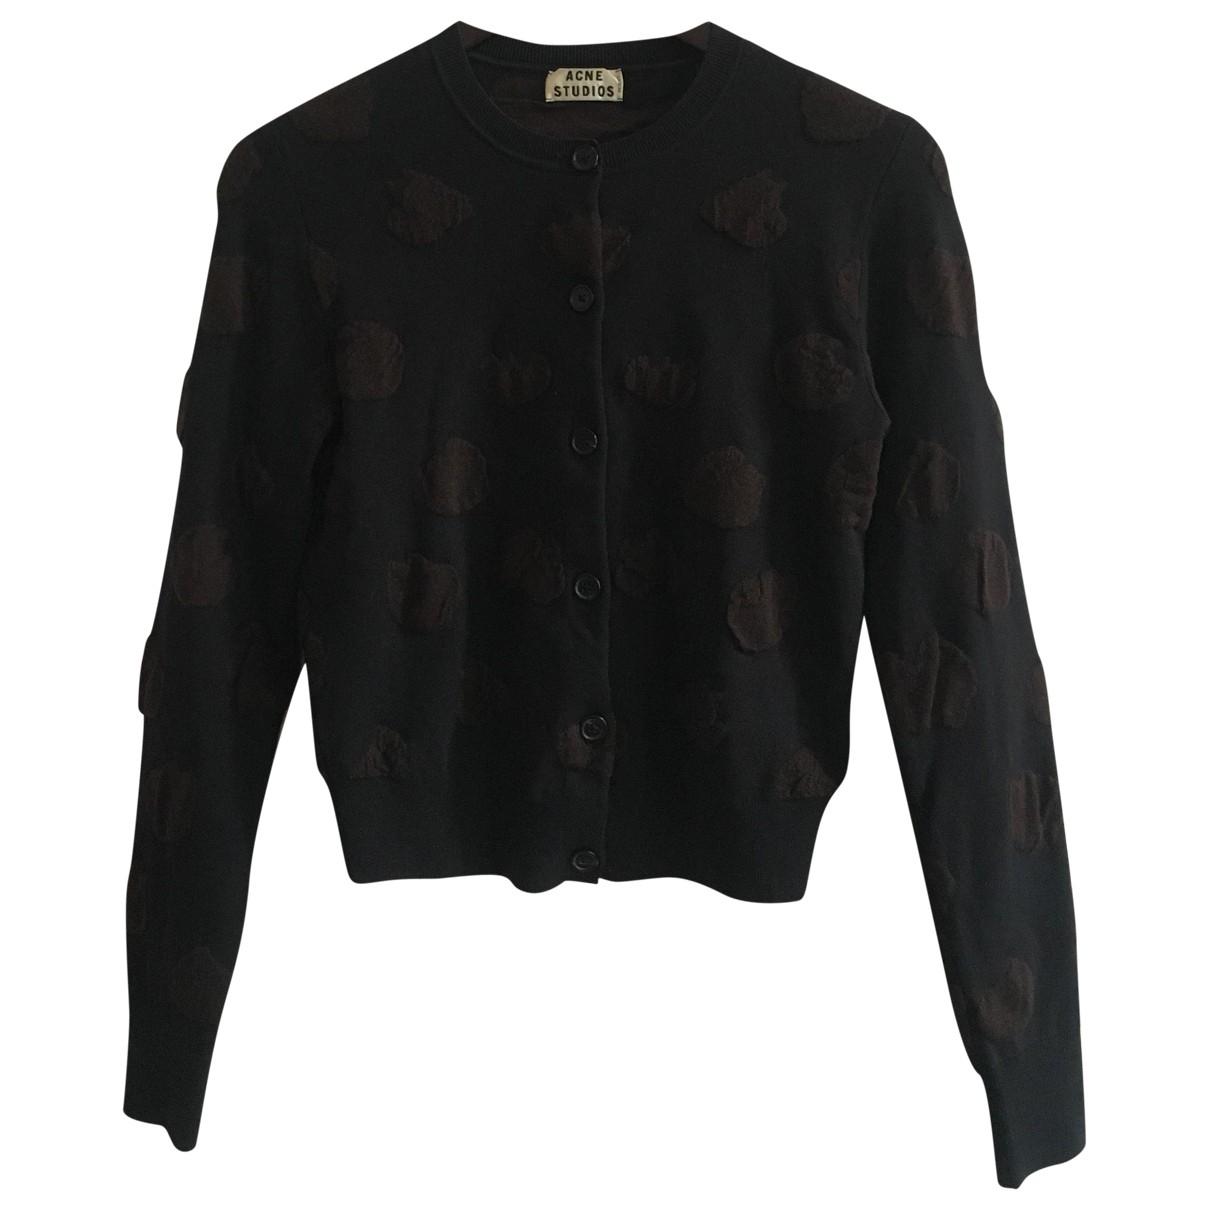 Acne Studios \N Black Wool Knitwear for Women S International